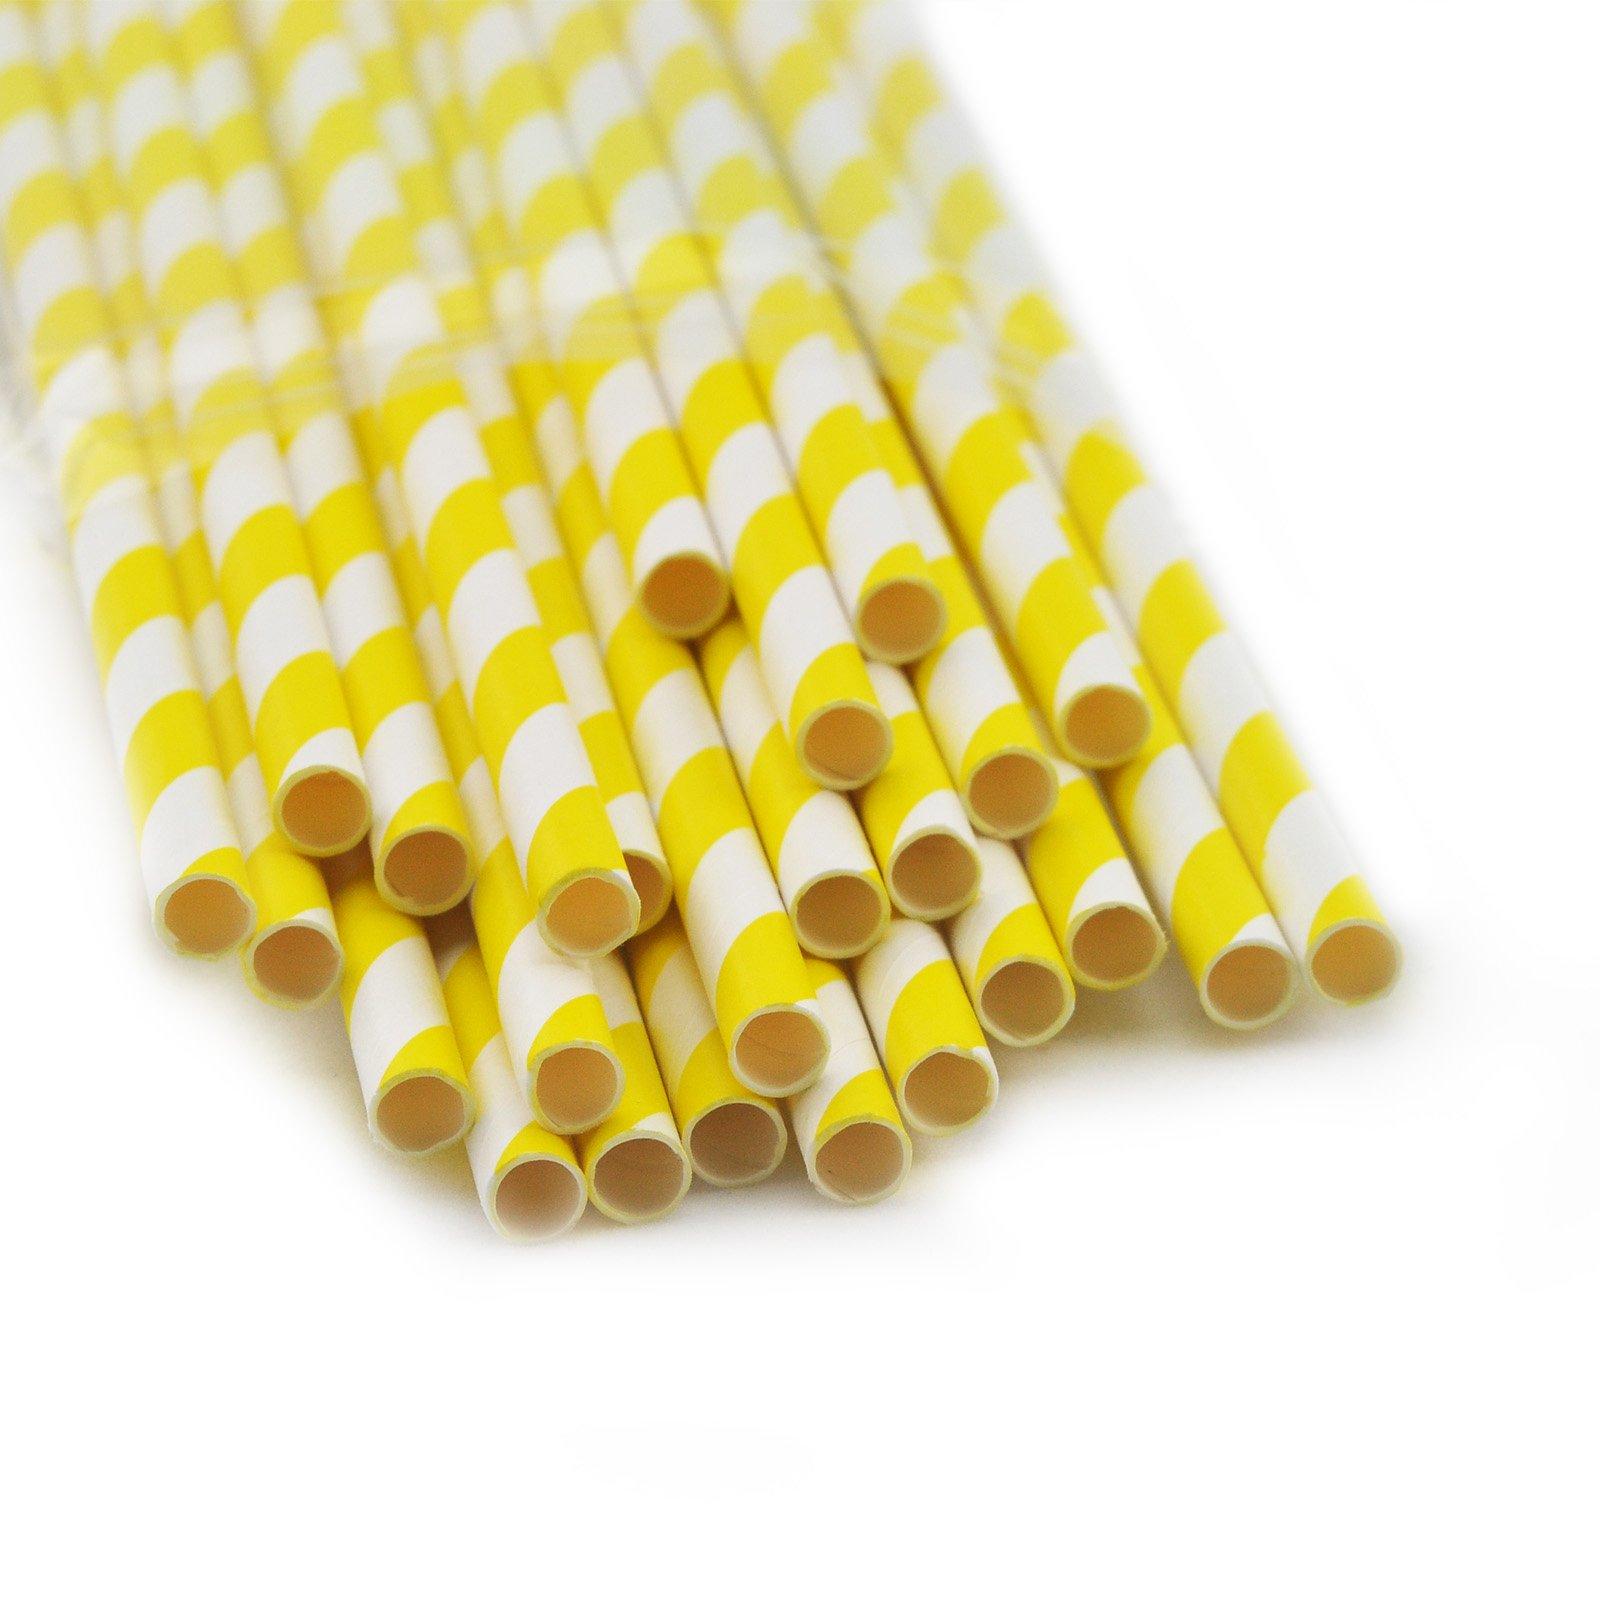 Denshine (TM) 25x Pailles de papier rayé pour fête décoration fête noël jaune